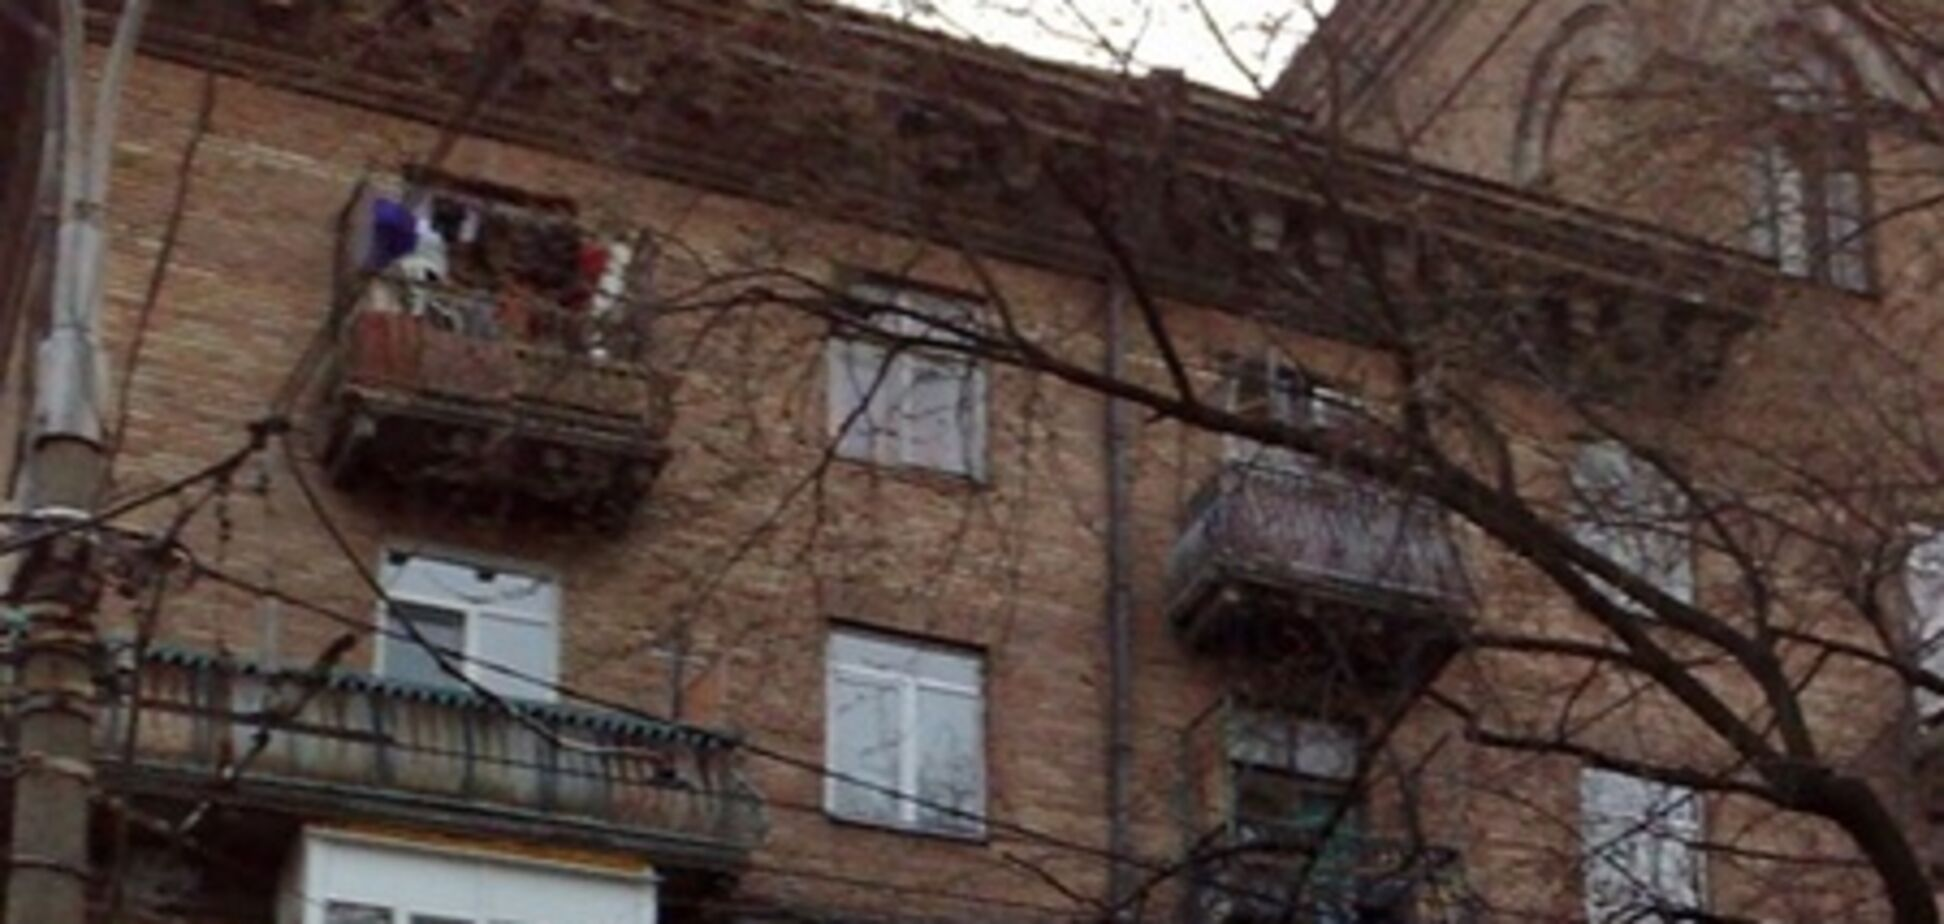 Эксперты ООН проведут осмотр жилищного сектора Украины